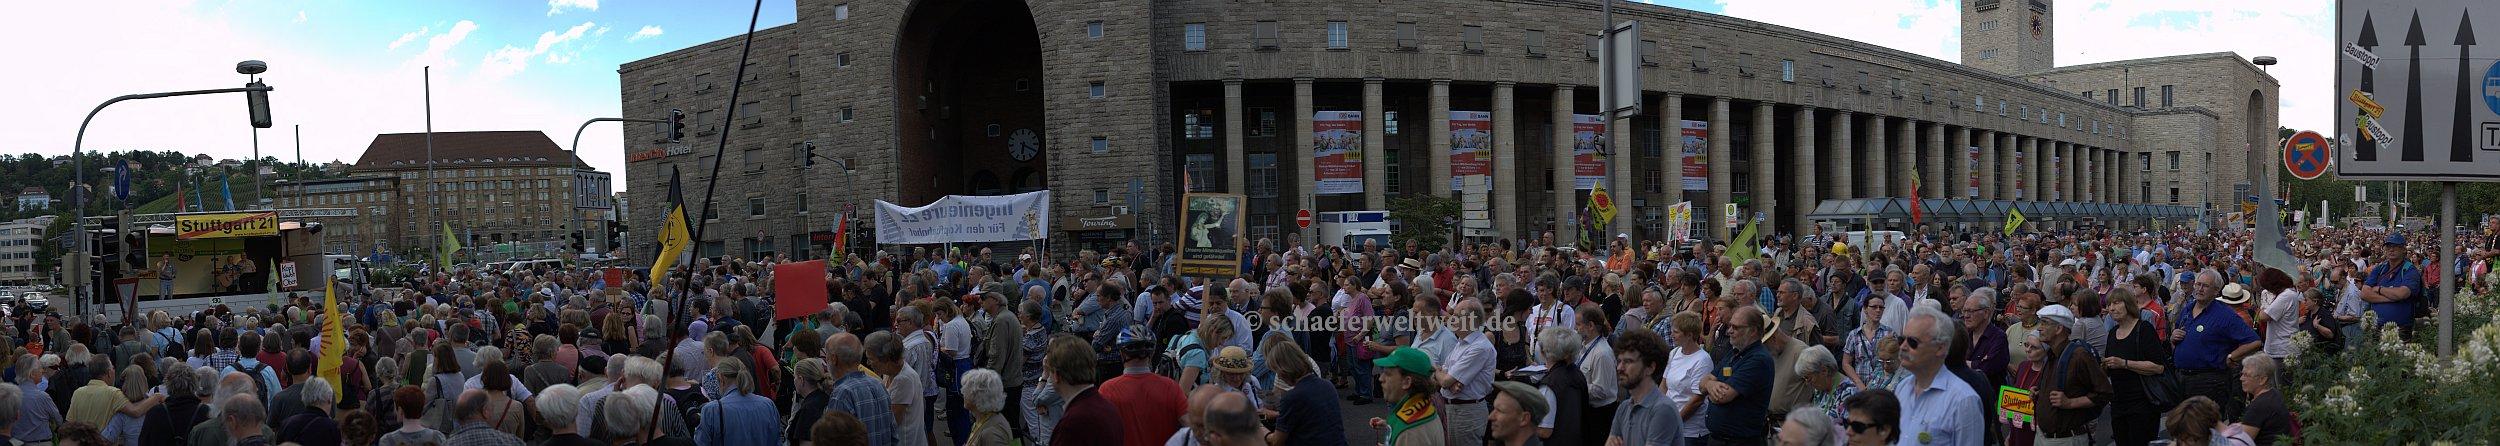 ©schaeferweltweit - Archivbild 09.07.2012